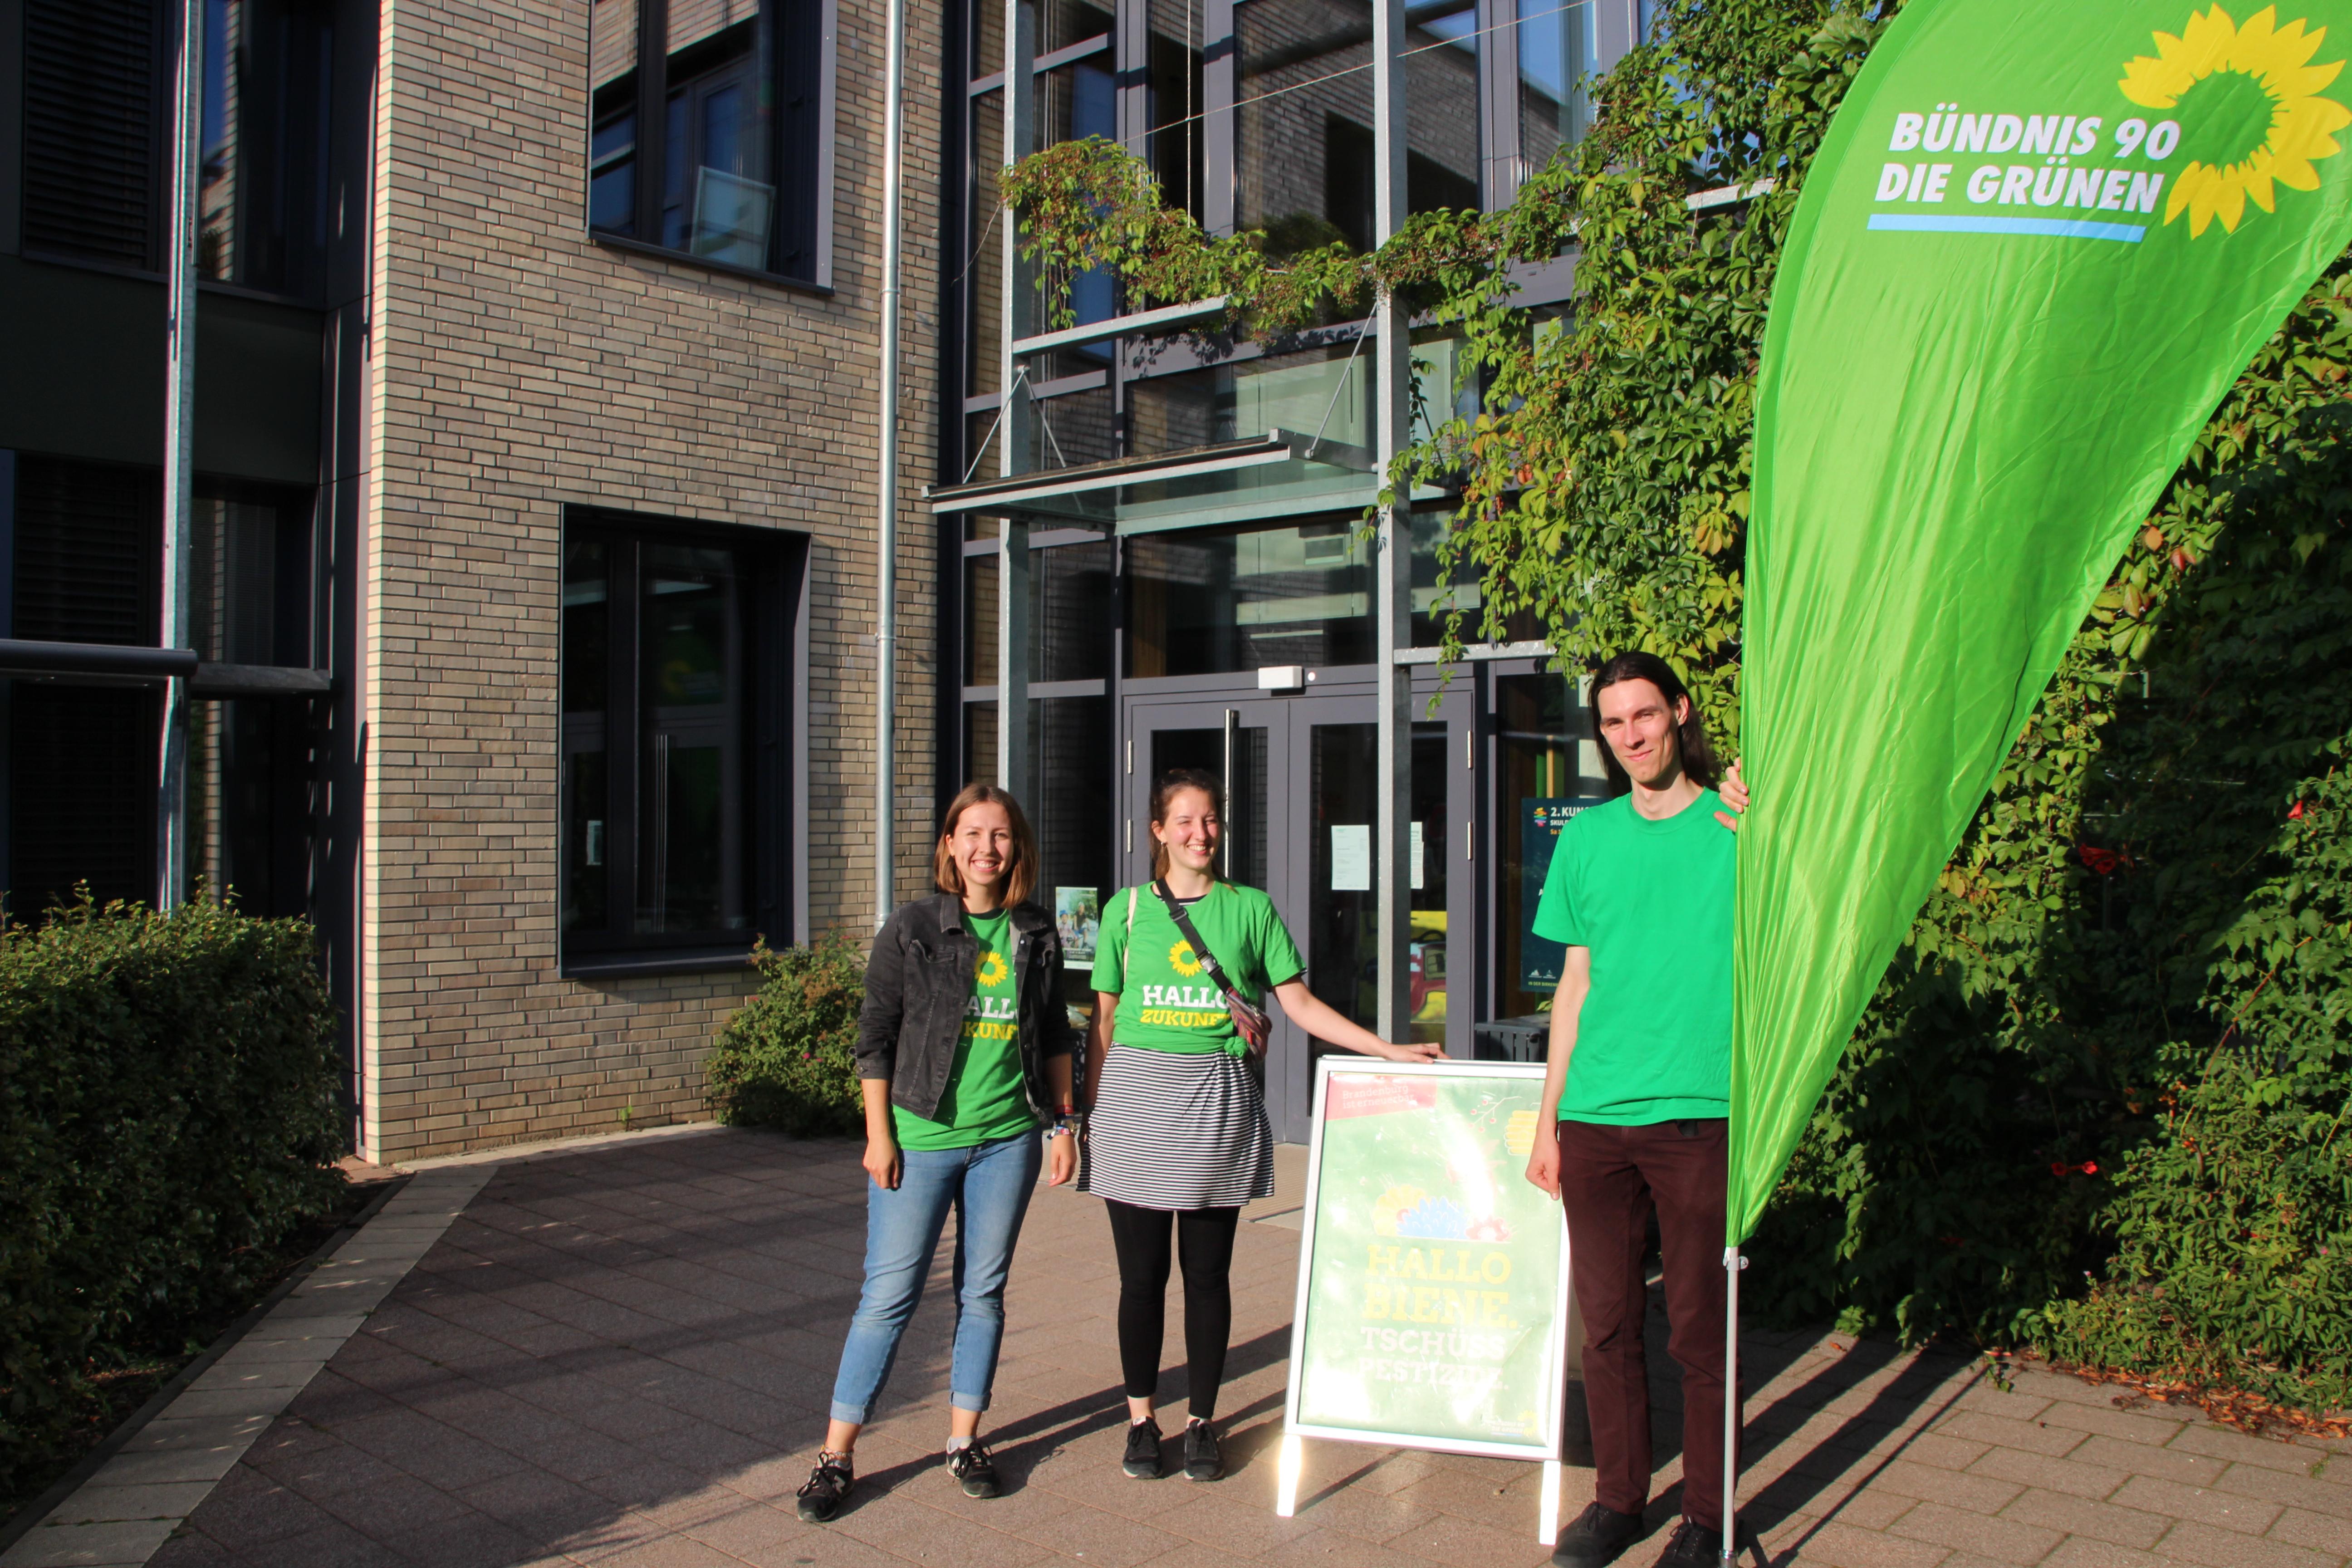 Drei Kakteen stehen neben einer Fahne der Grünen. Sie lachen in die Kamera.